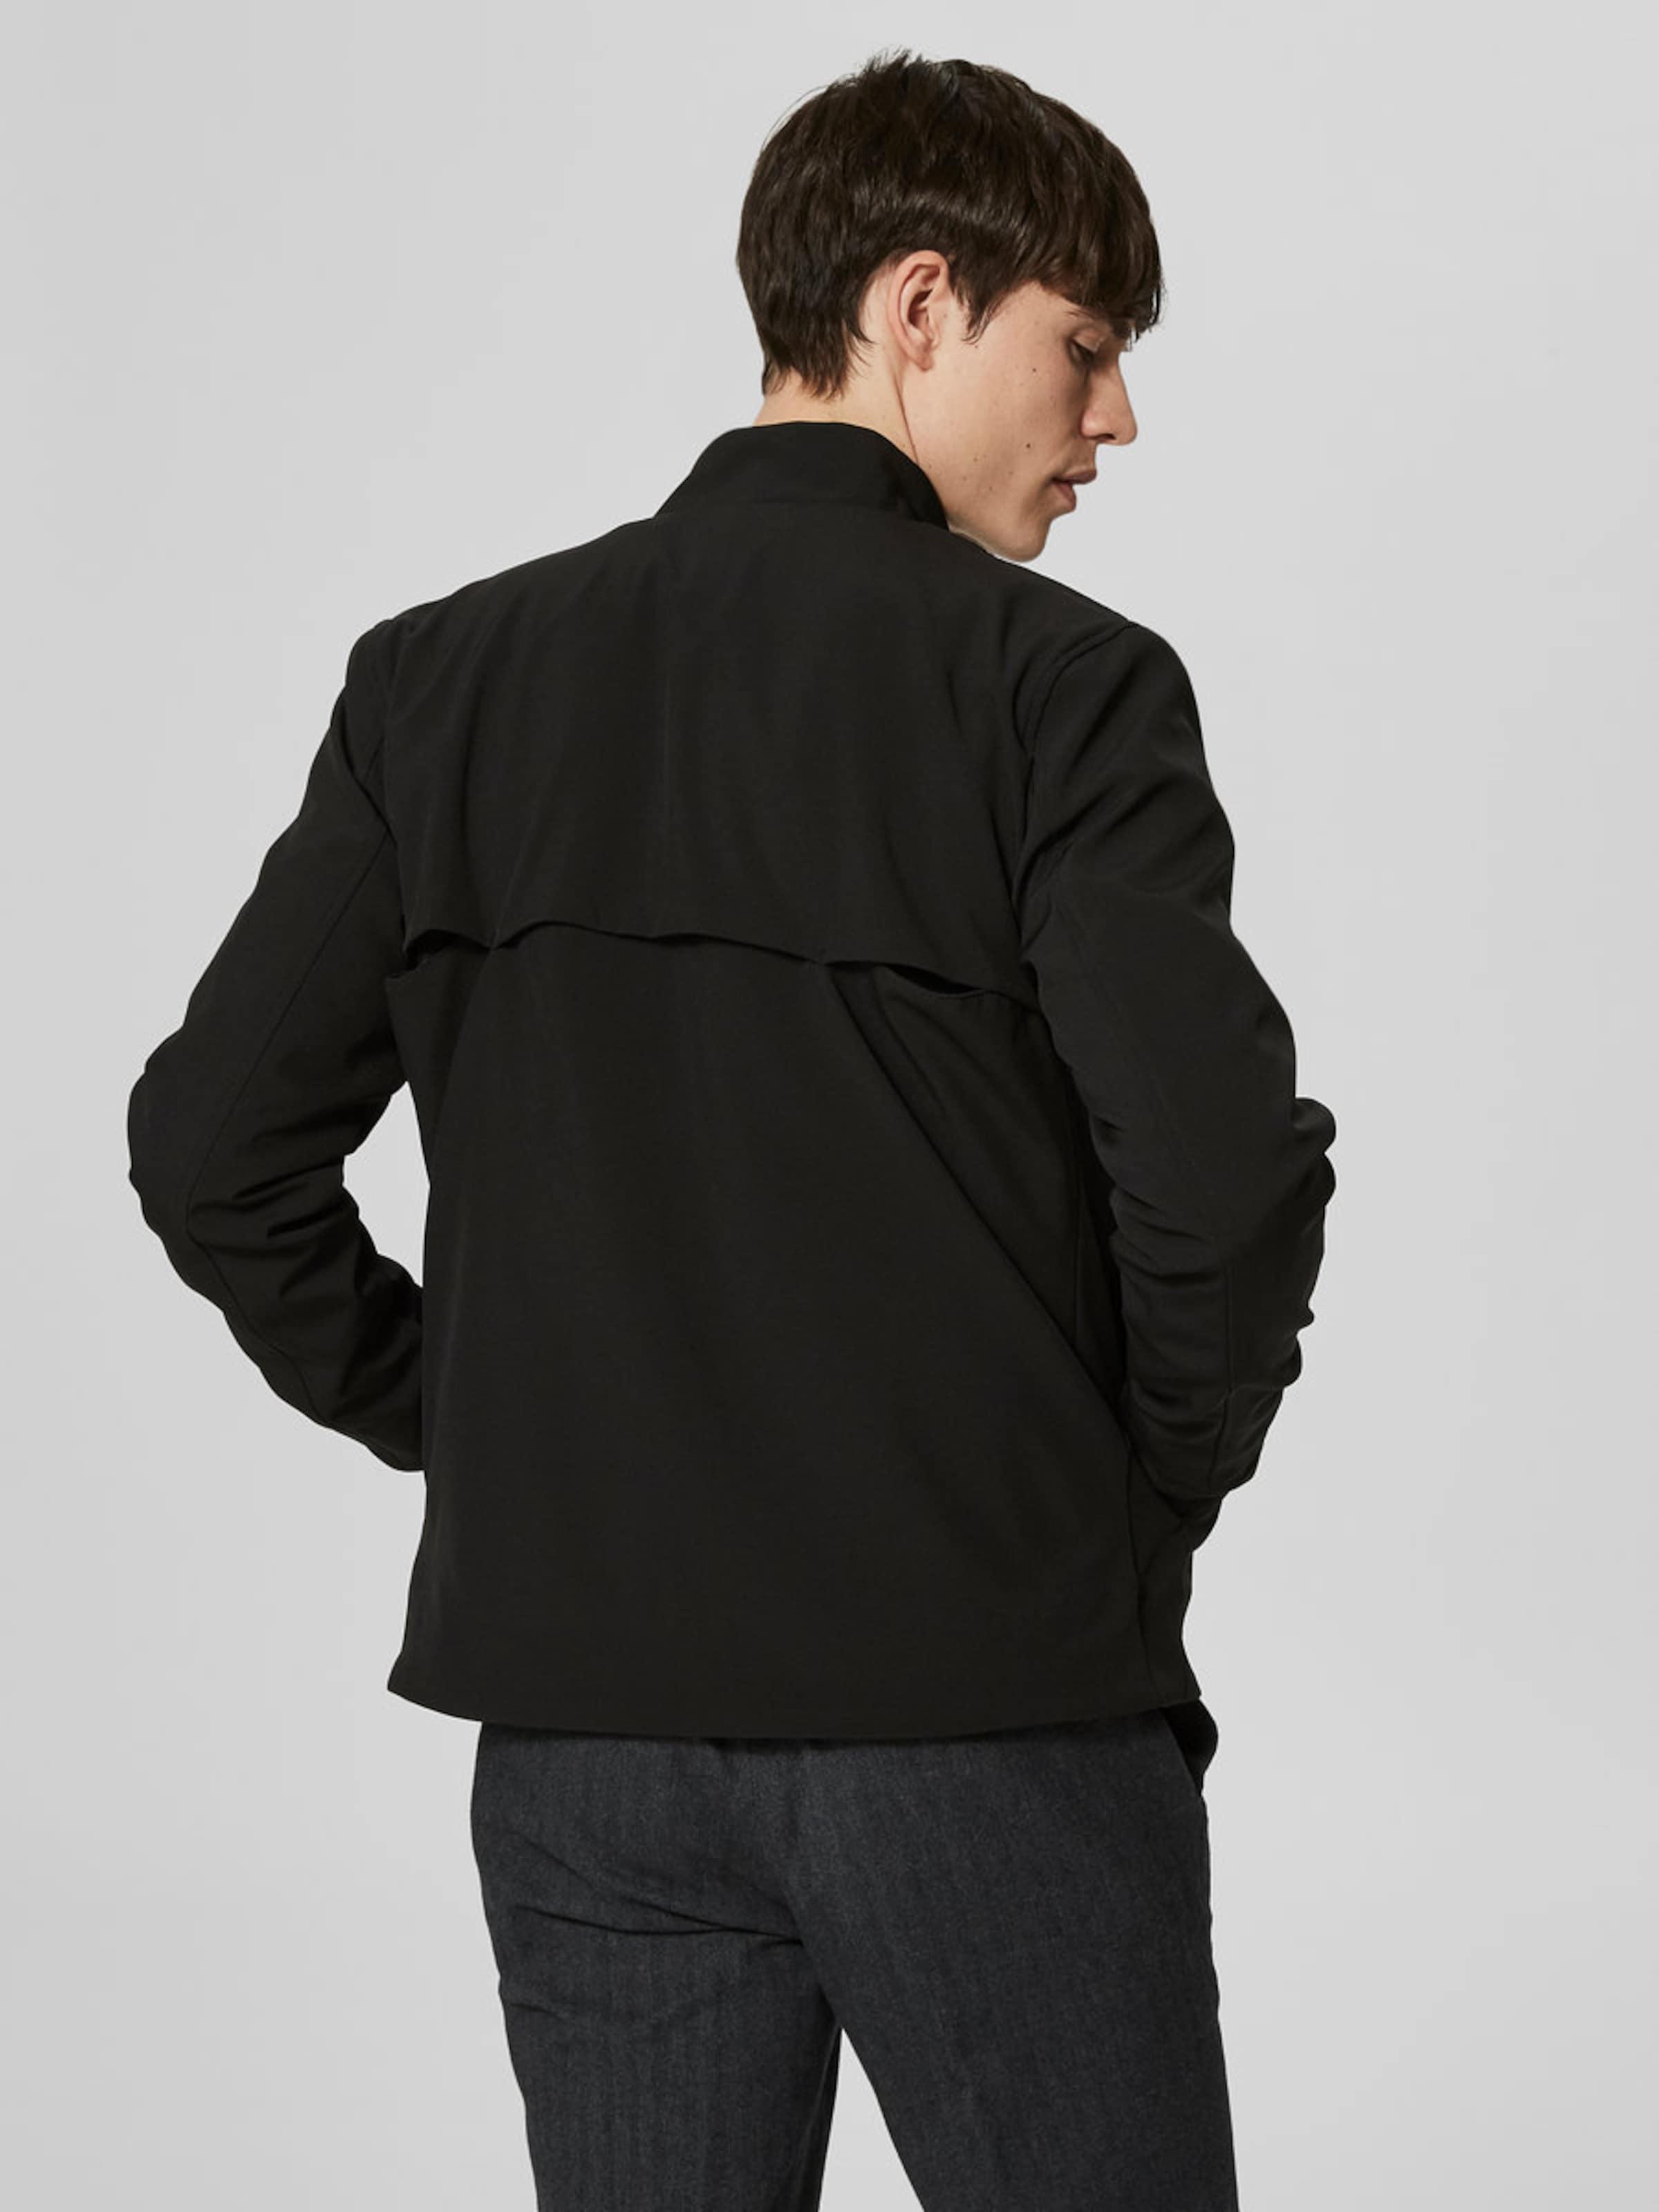 Um Online Kaufen Sie Günstig Online Preis SELECTED HOMME Leichte Jacke Qualität Bester Ort Spielraum Geniue Händler aOofHu